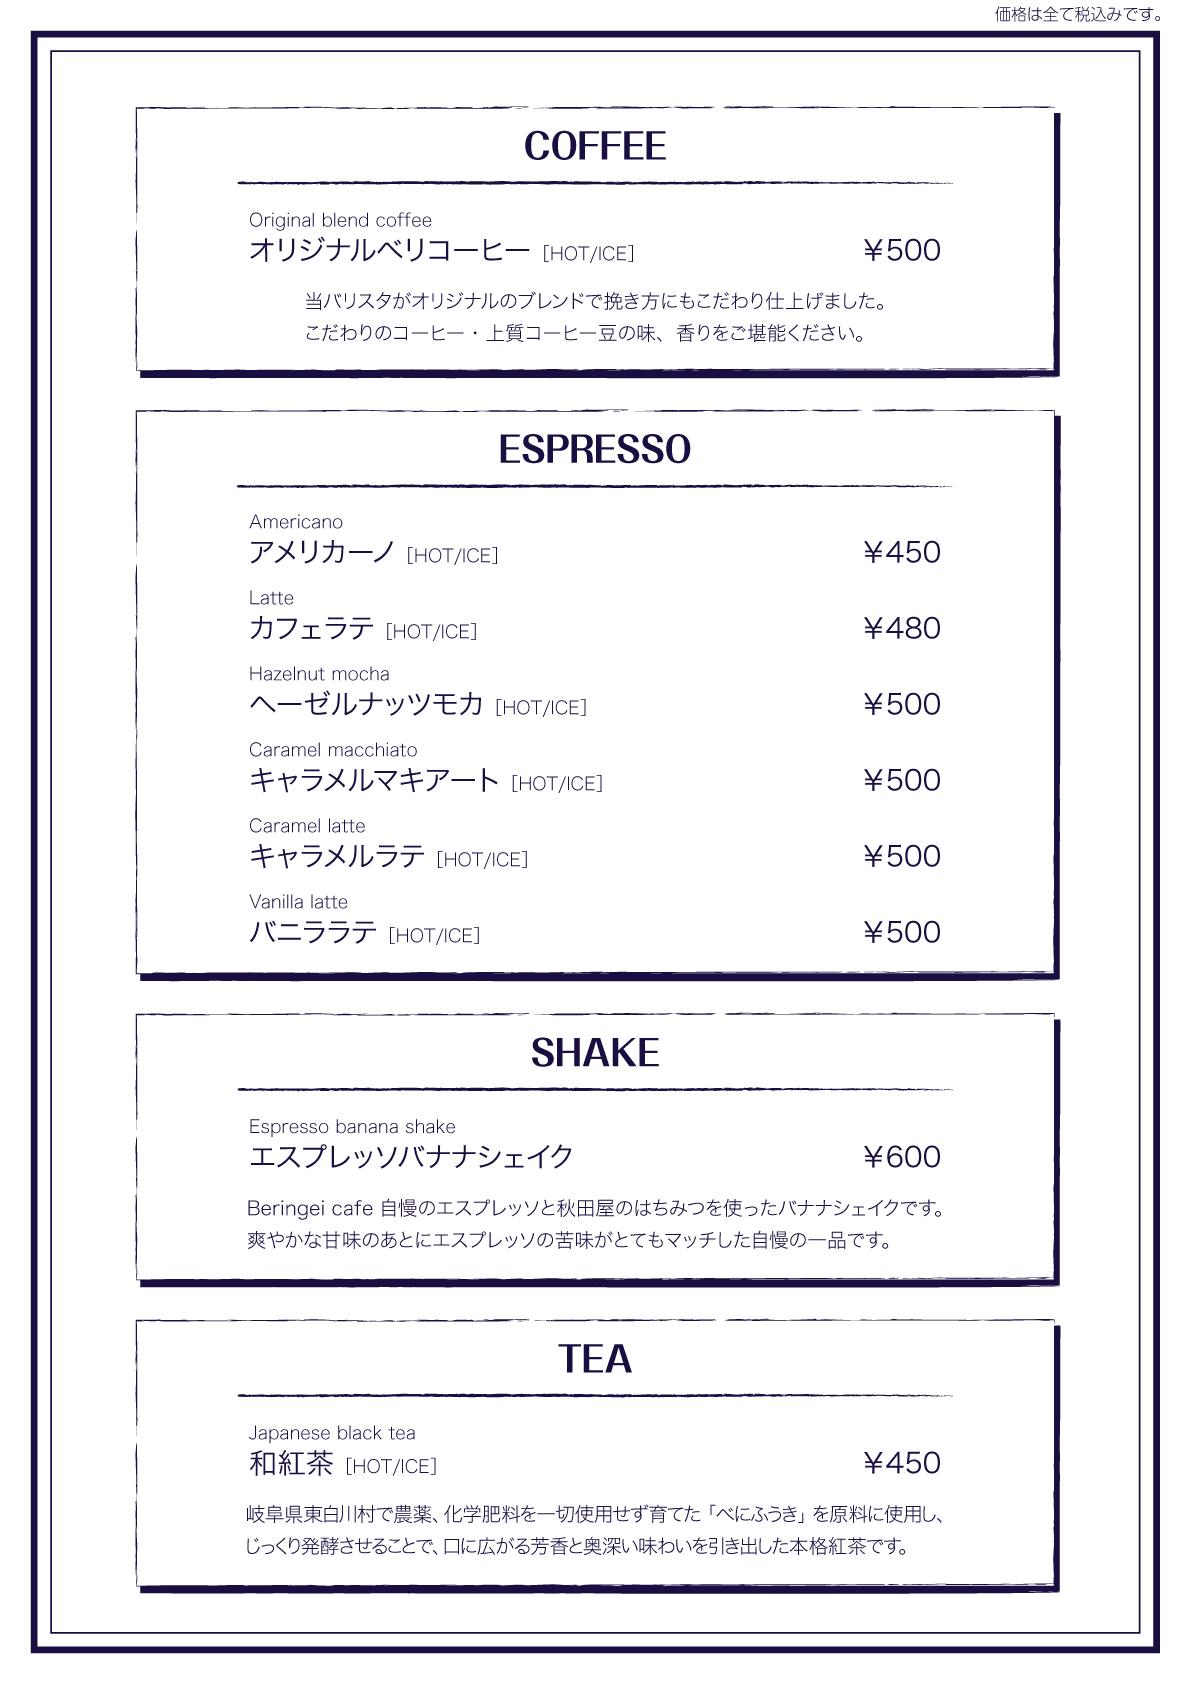 ベリンゲイカフェ・ドリンクメニュー・コーヒー500円~